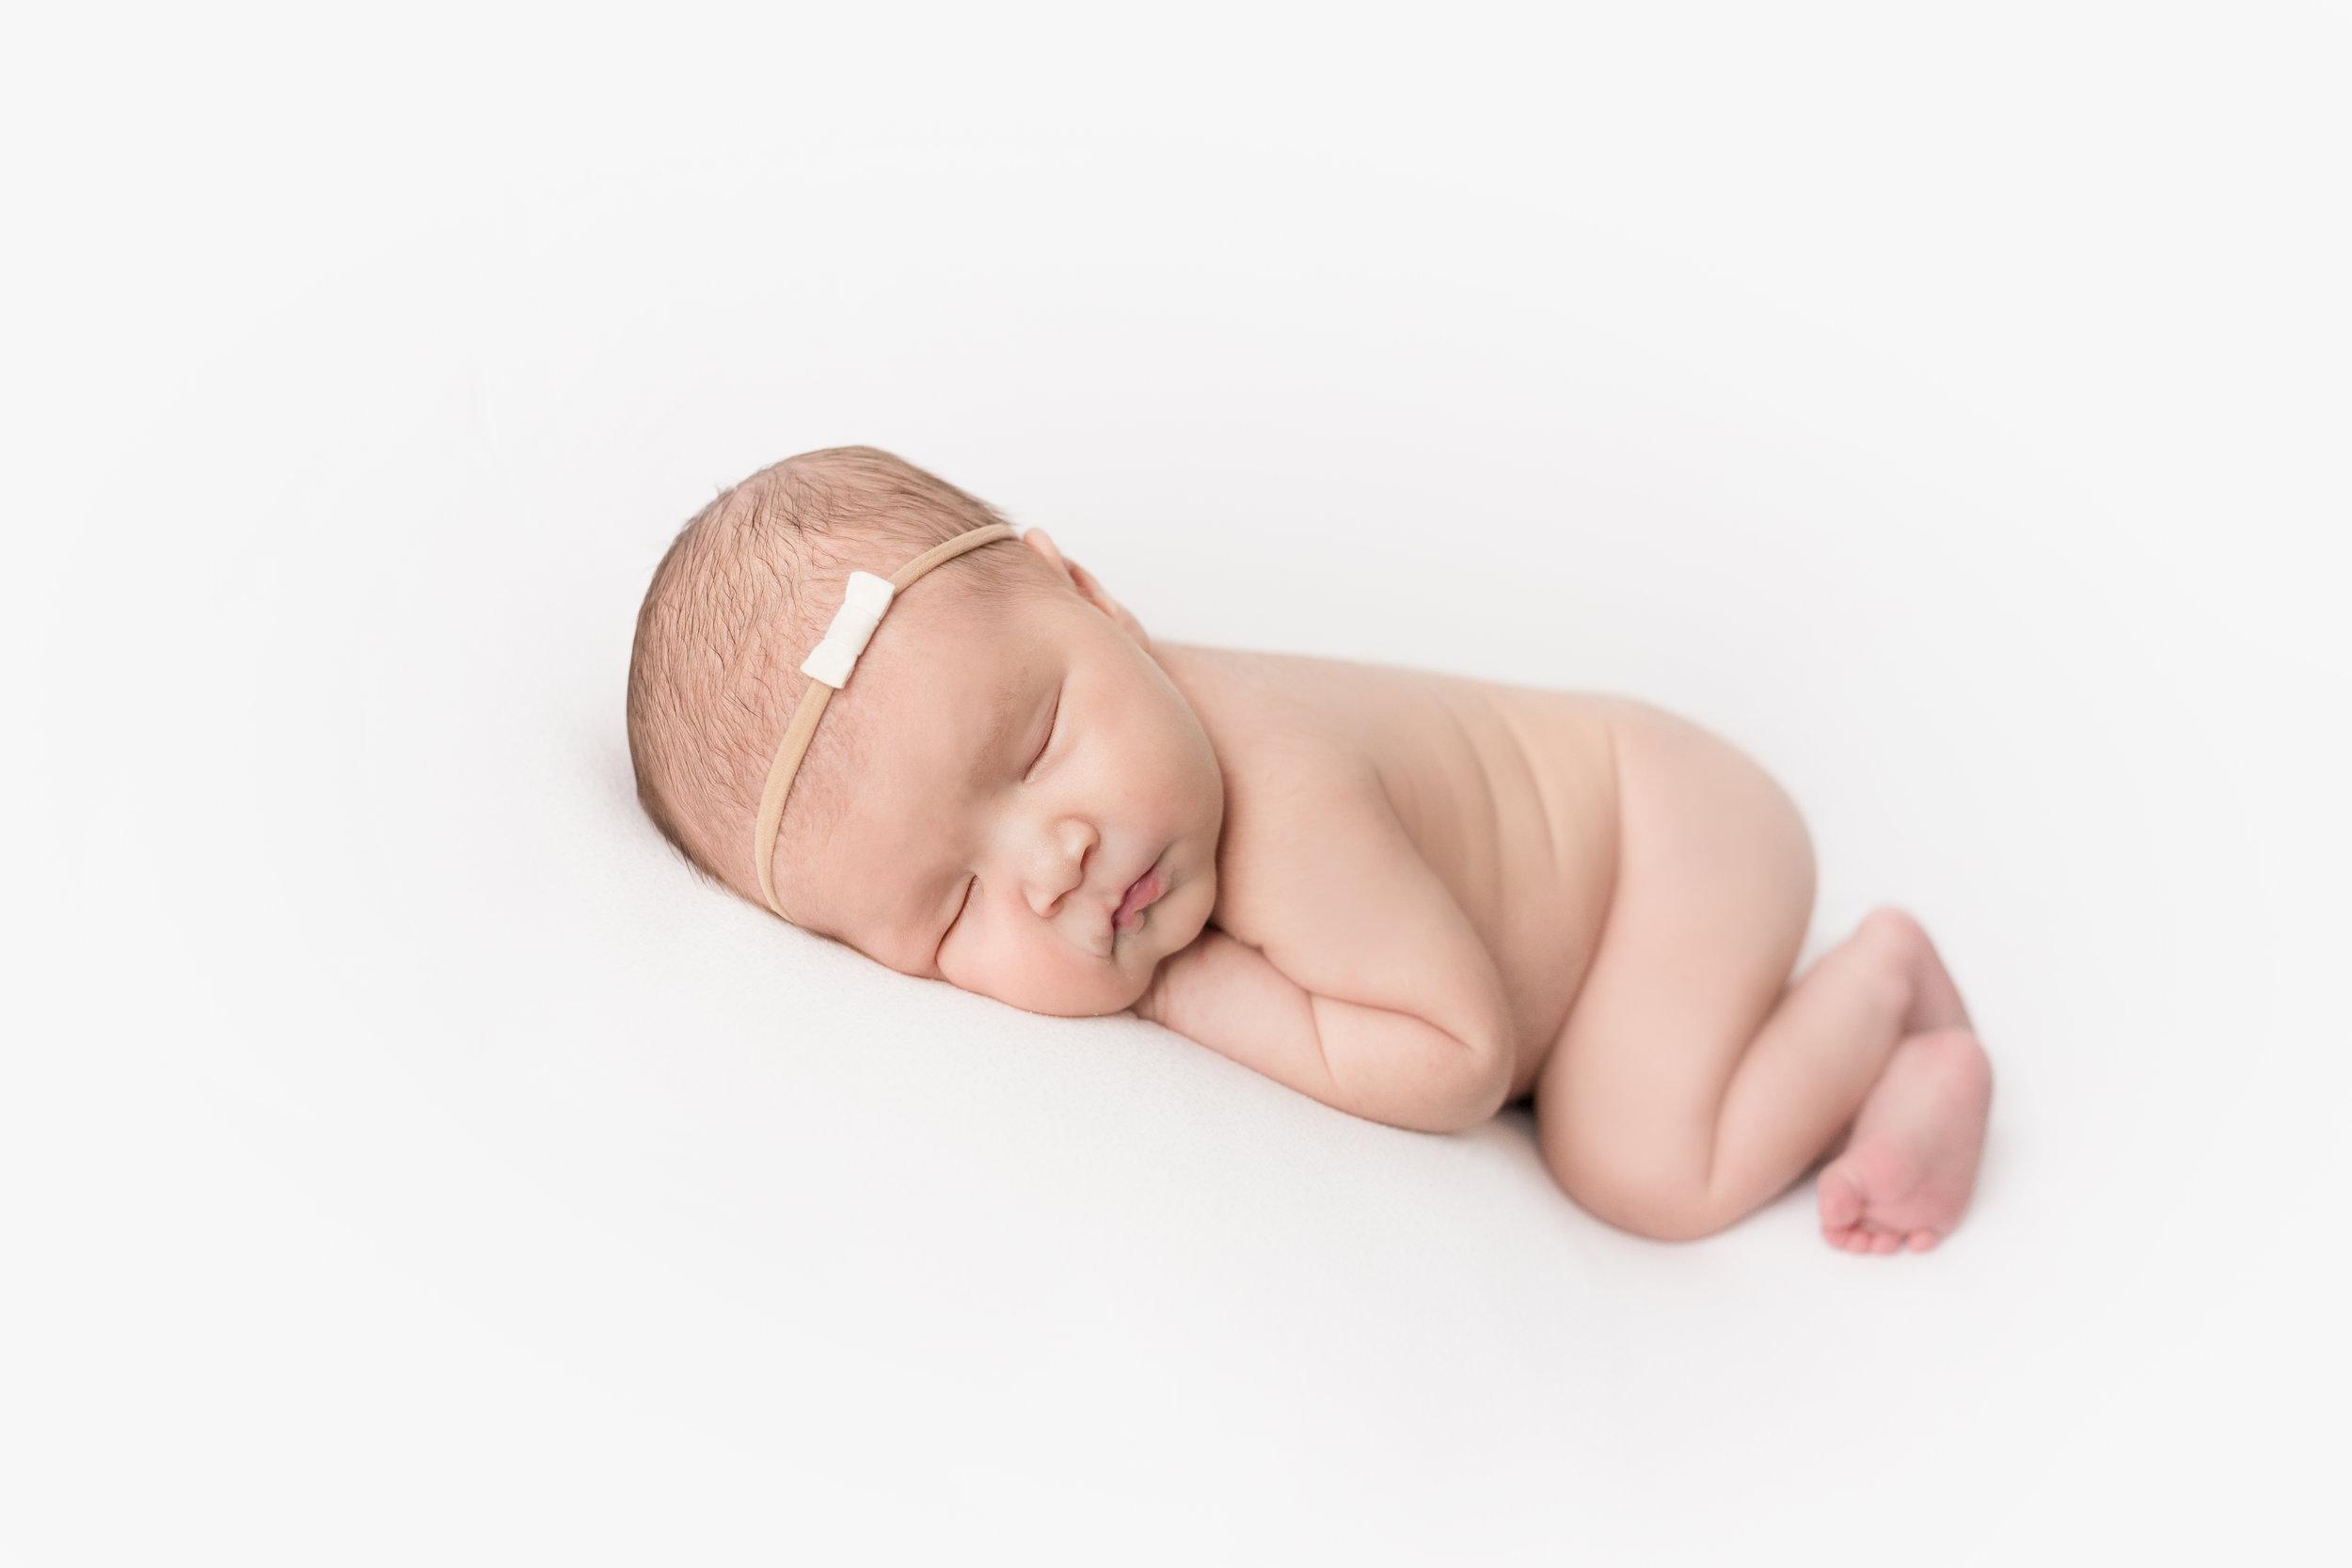 Austen s Newborn Photos-Austen-0010.jpg